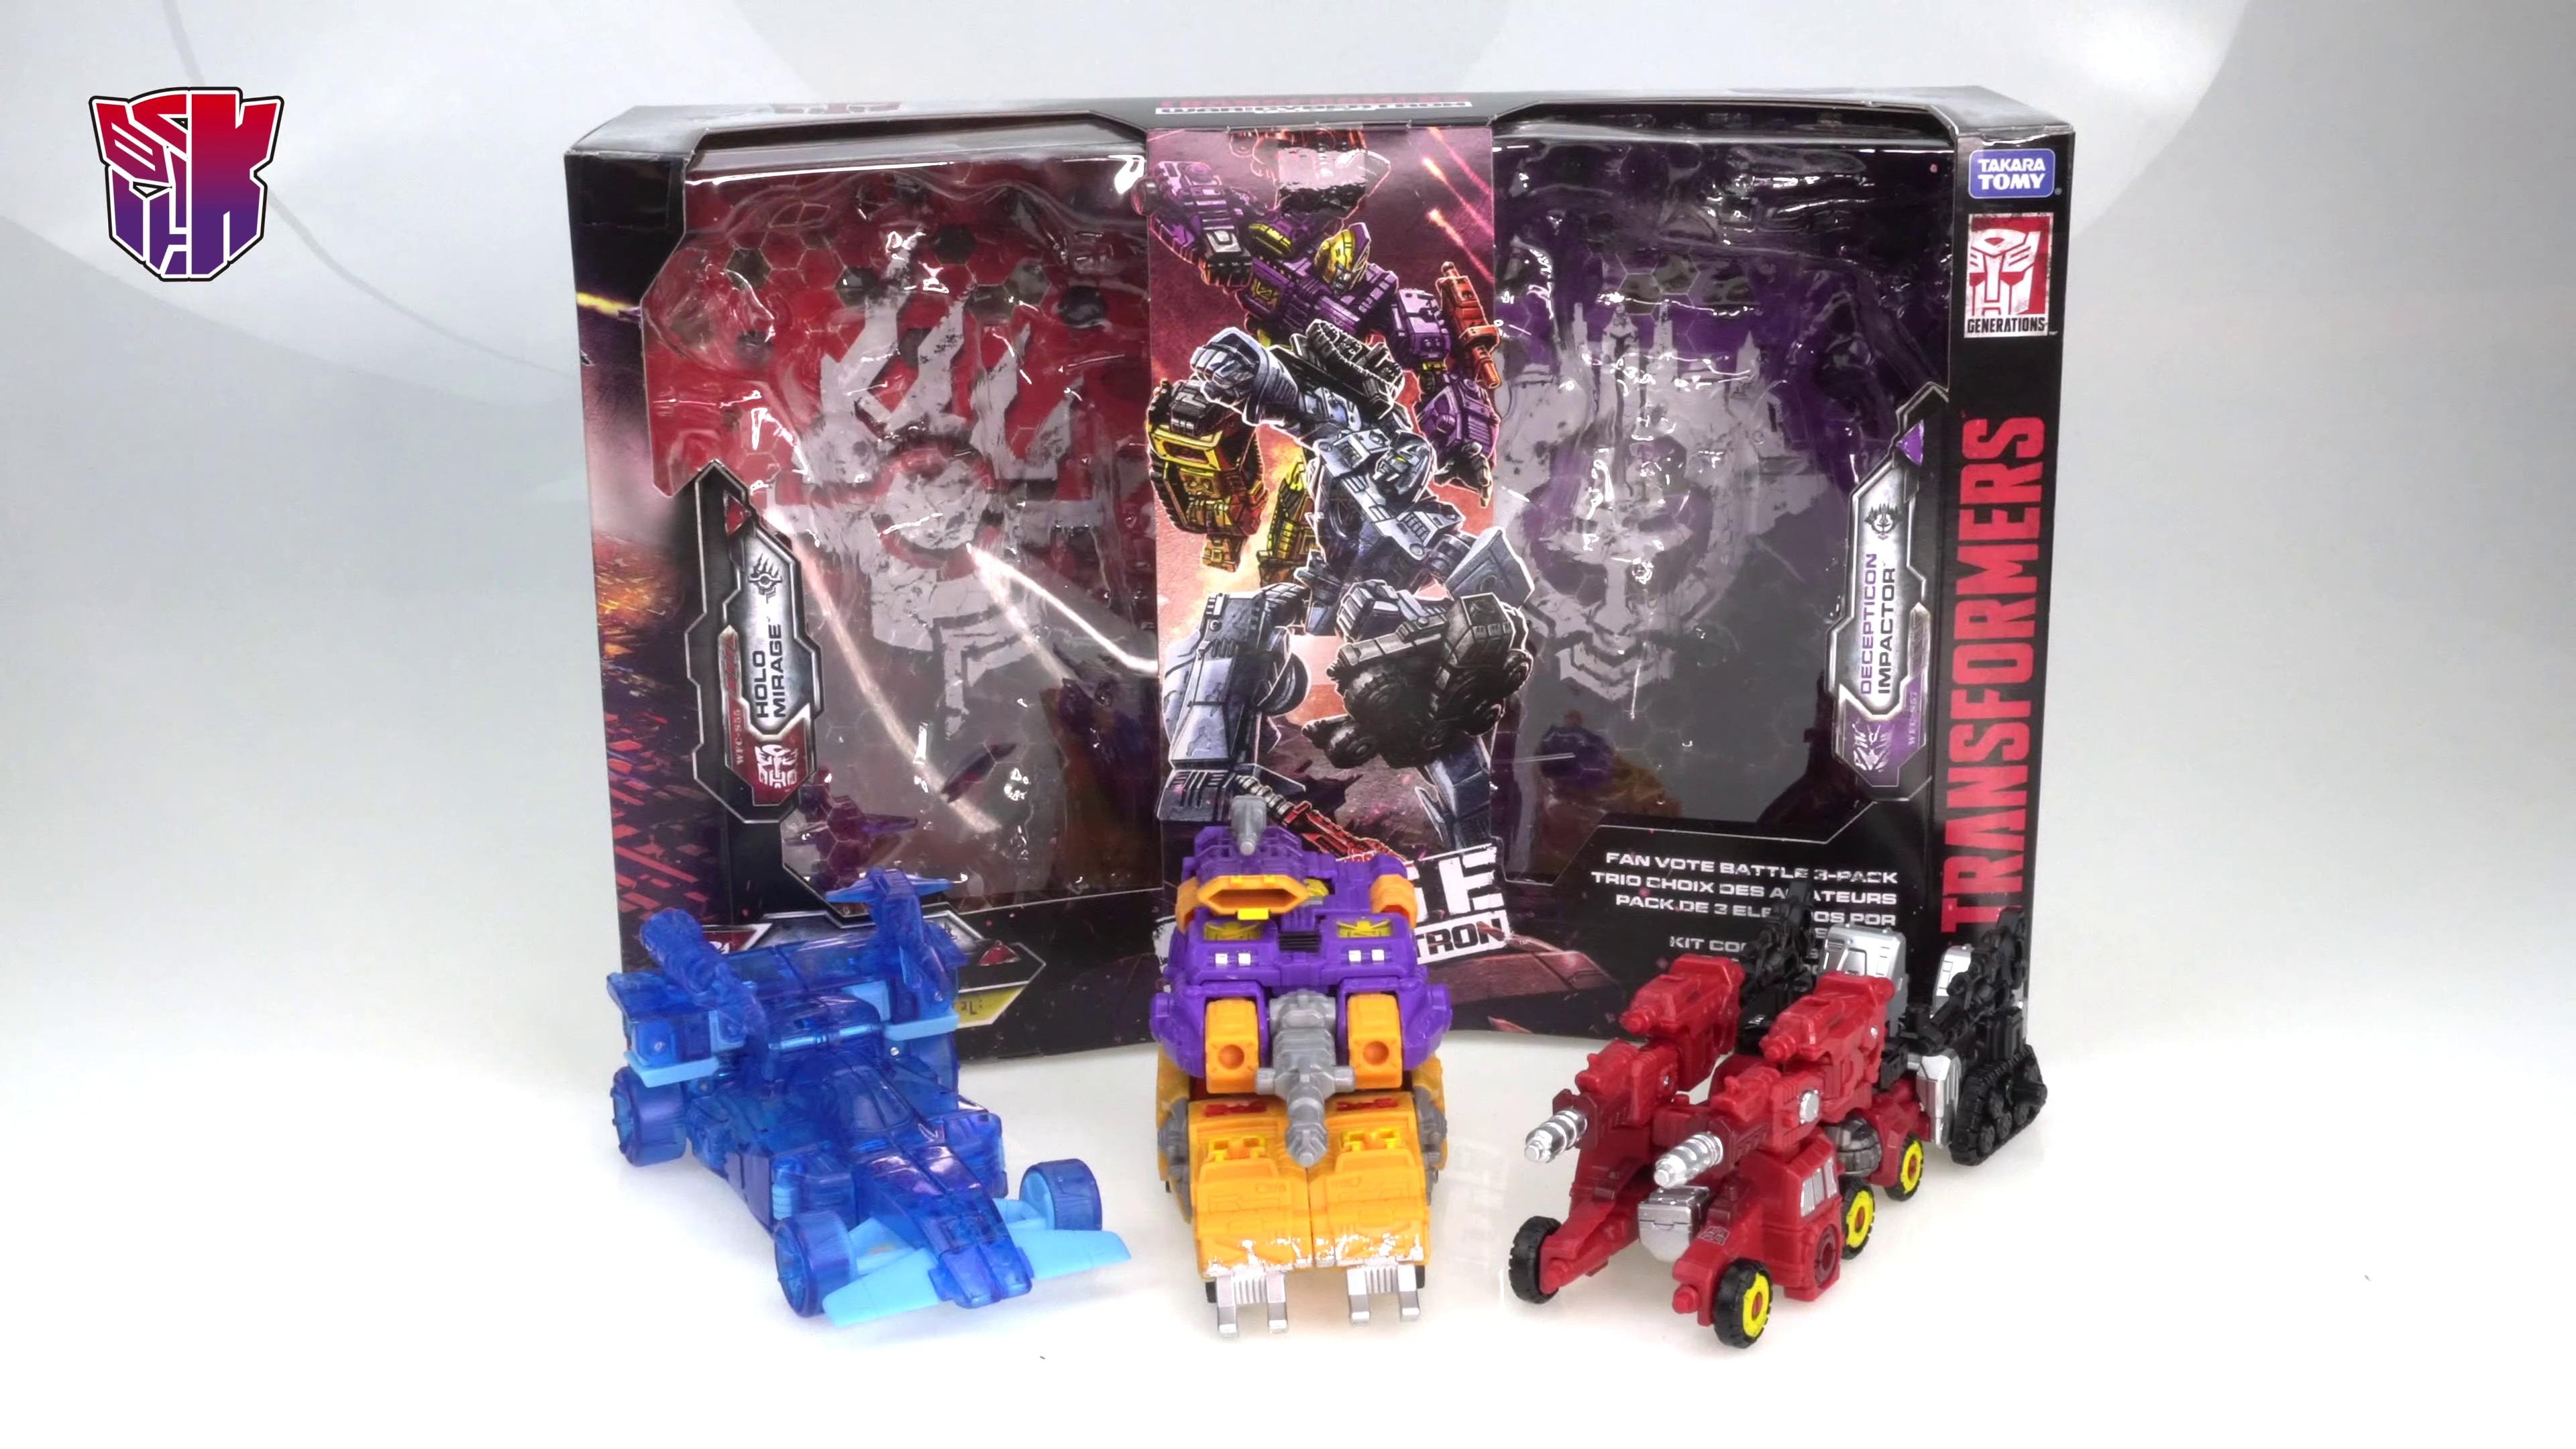 Transformers War For Cybertron Siege Fan Vote Battle 3-Pack New Sealed